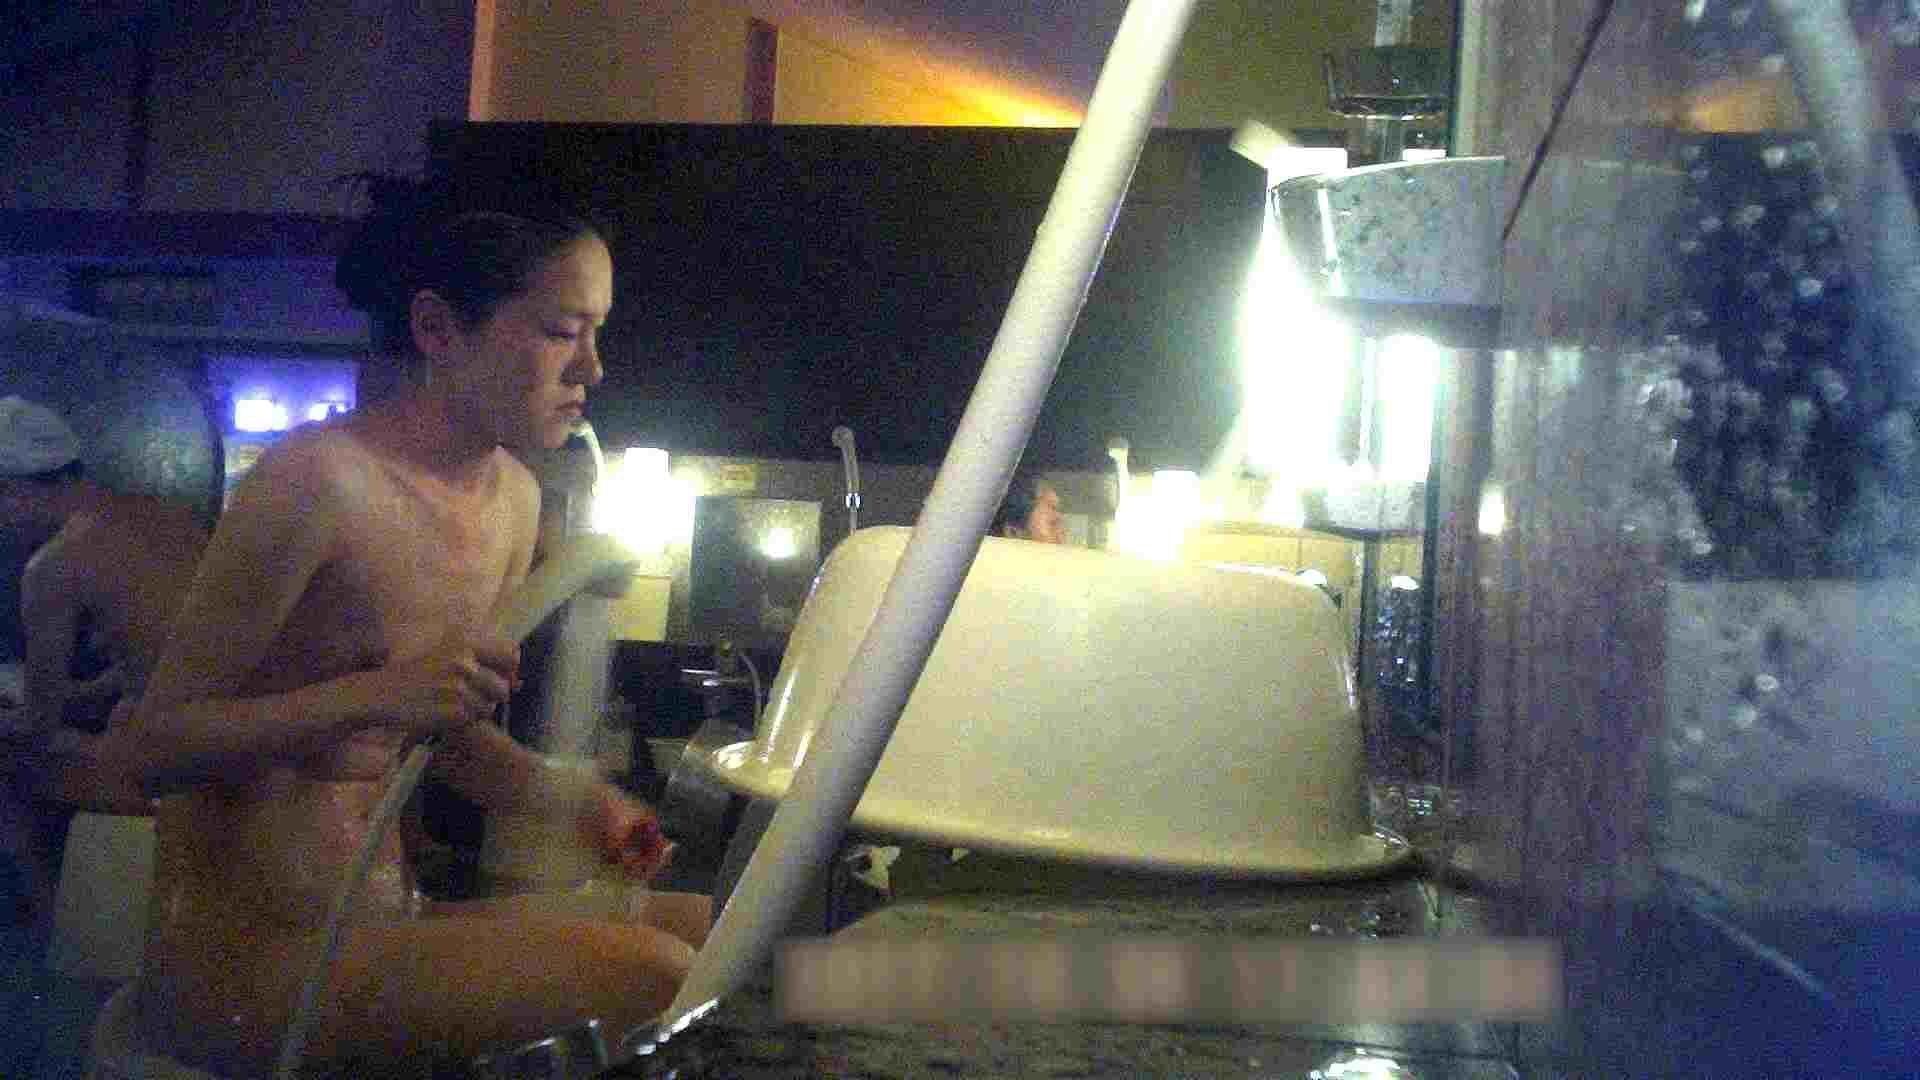 TG.06 【二等兵】スレンダー奥様の可愛い微乳 女風呂ハメ撮り | 潜入エロ調査  75連発 70